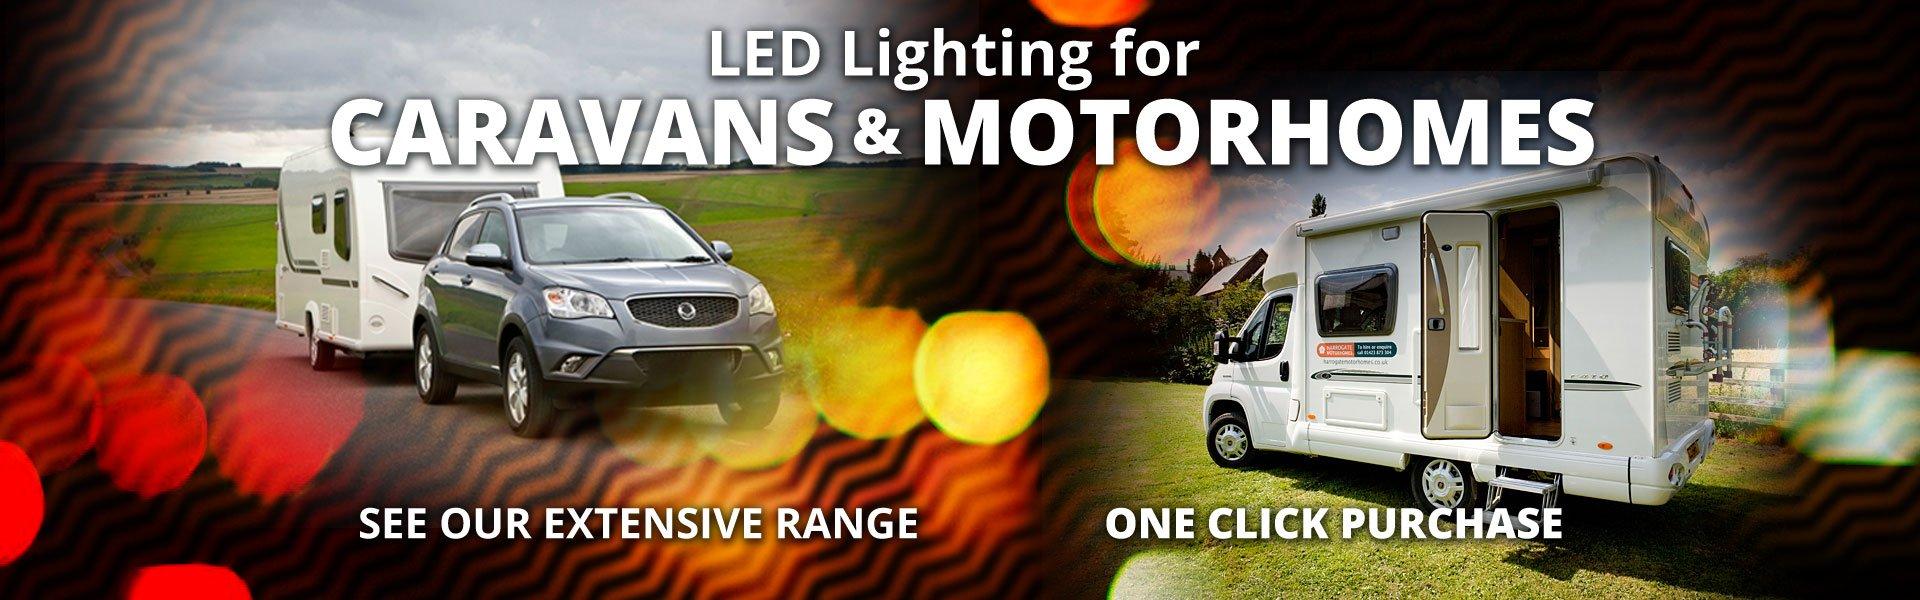 Caravan and Motorhome lighting